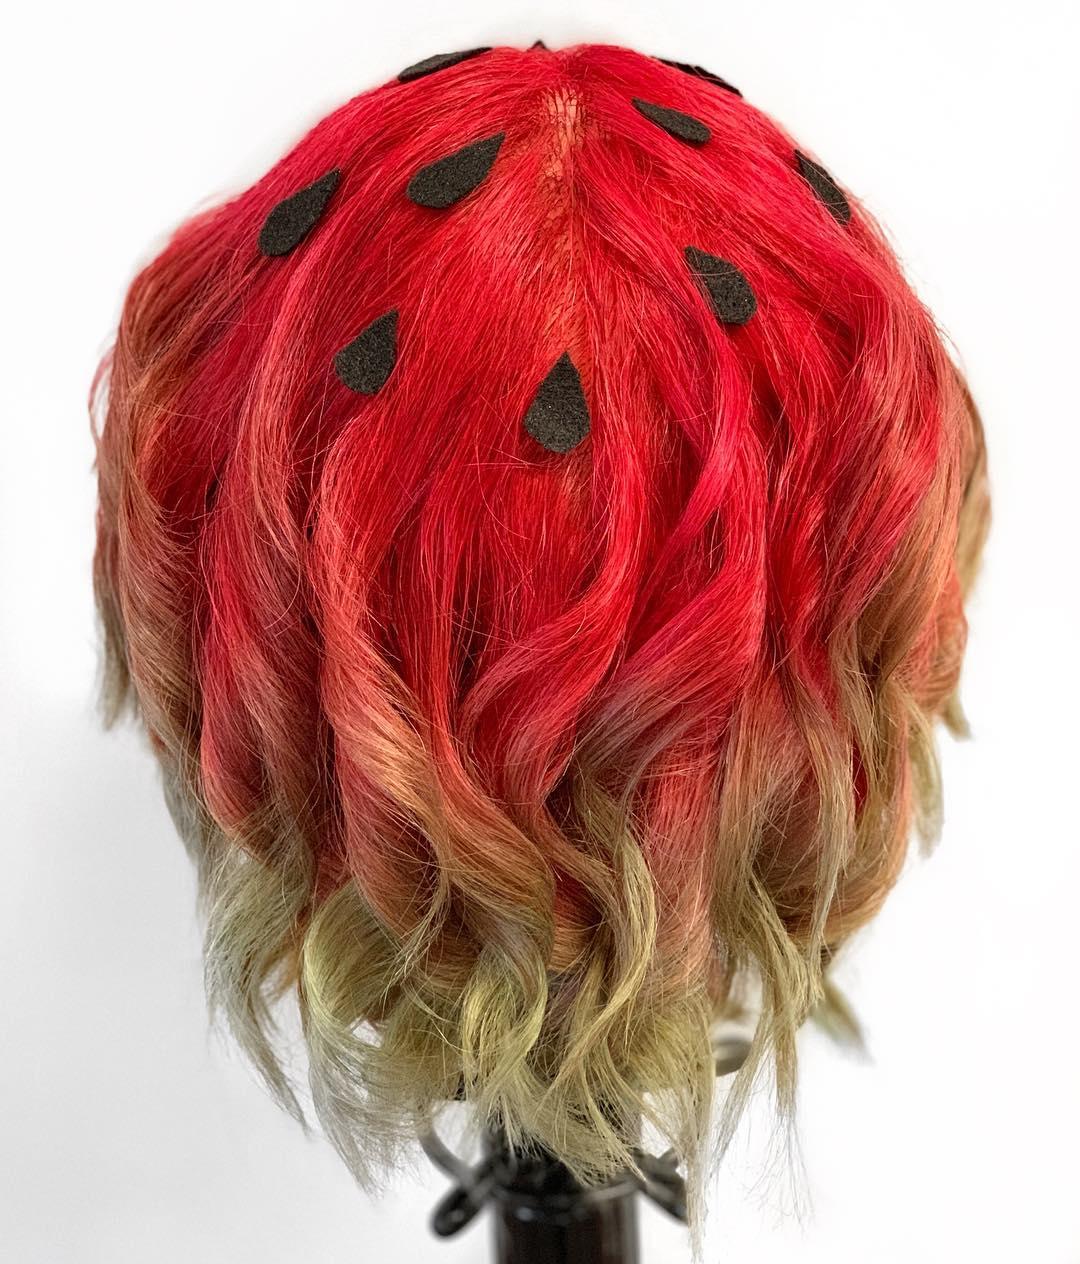 Cabelo-melancia-Mantenha-o-verão-em-sua-cabeça,-tendências-originais